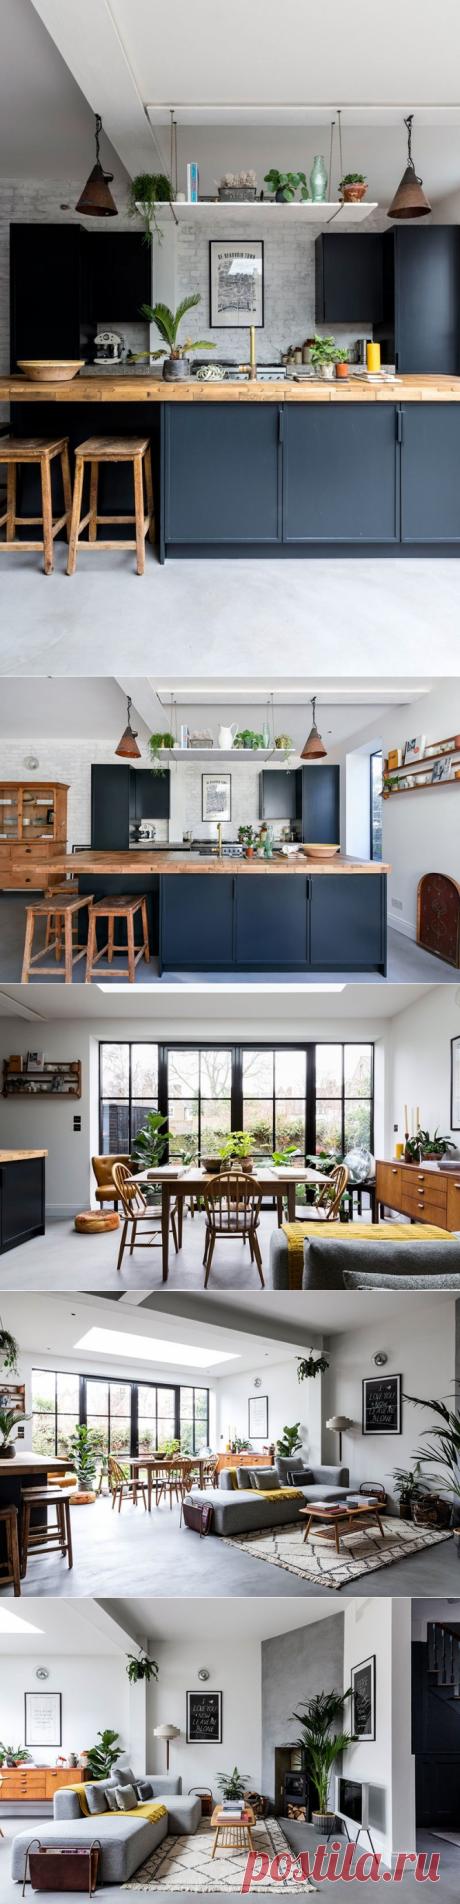 Современный дом с оттенком скандинавского стиля в Лондоне - Дизайн интерьеров | Идеи вашего дома | Lodgers